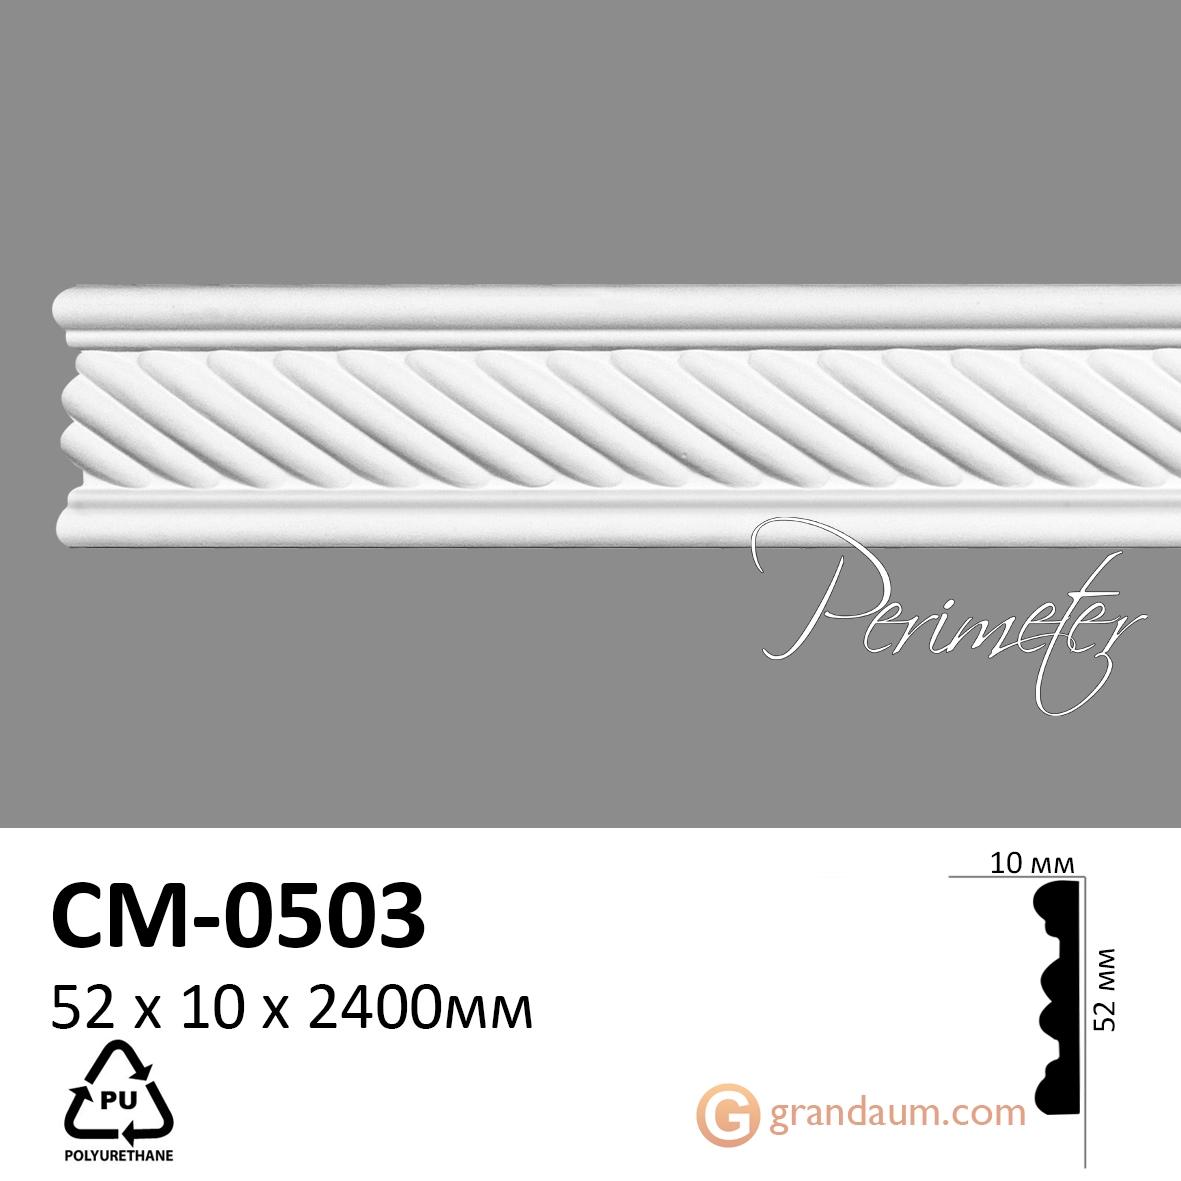 Карниз с гладким профилем Perimeter CM-0503